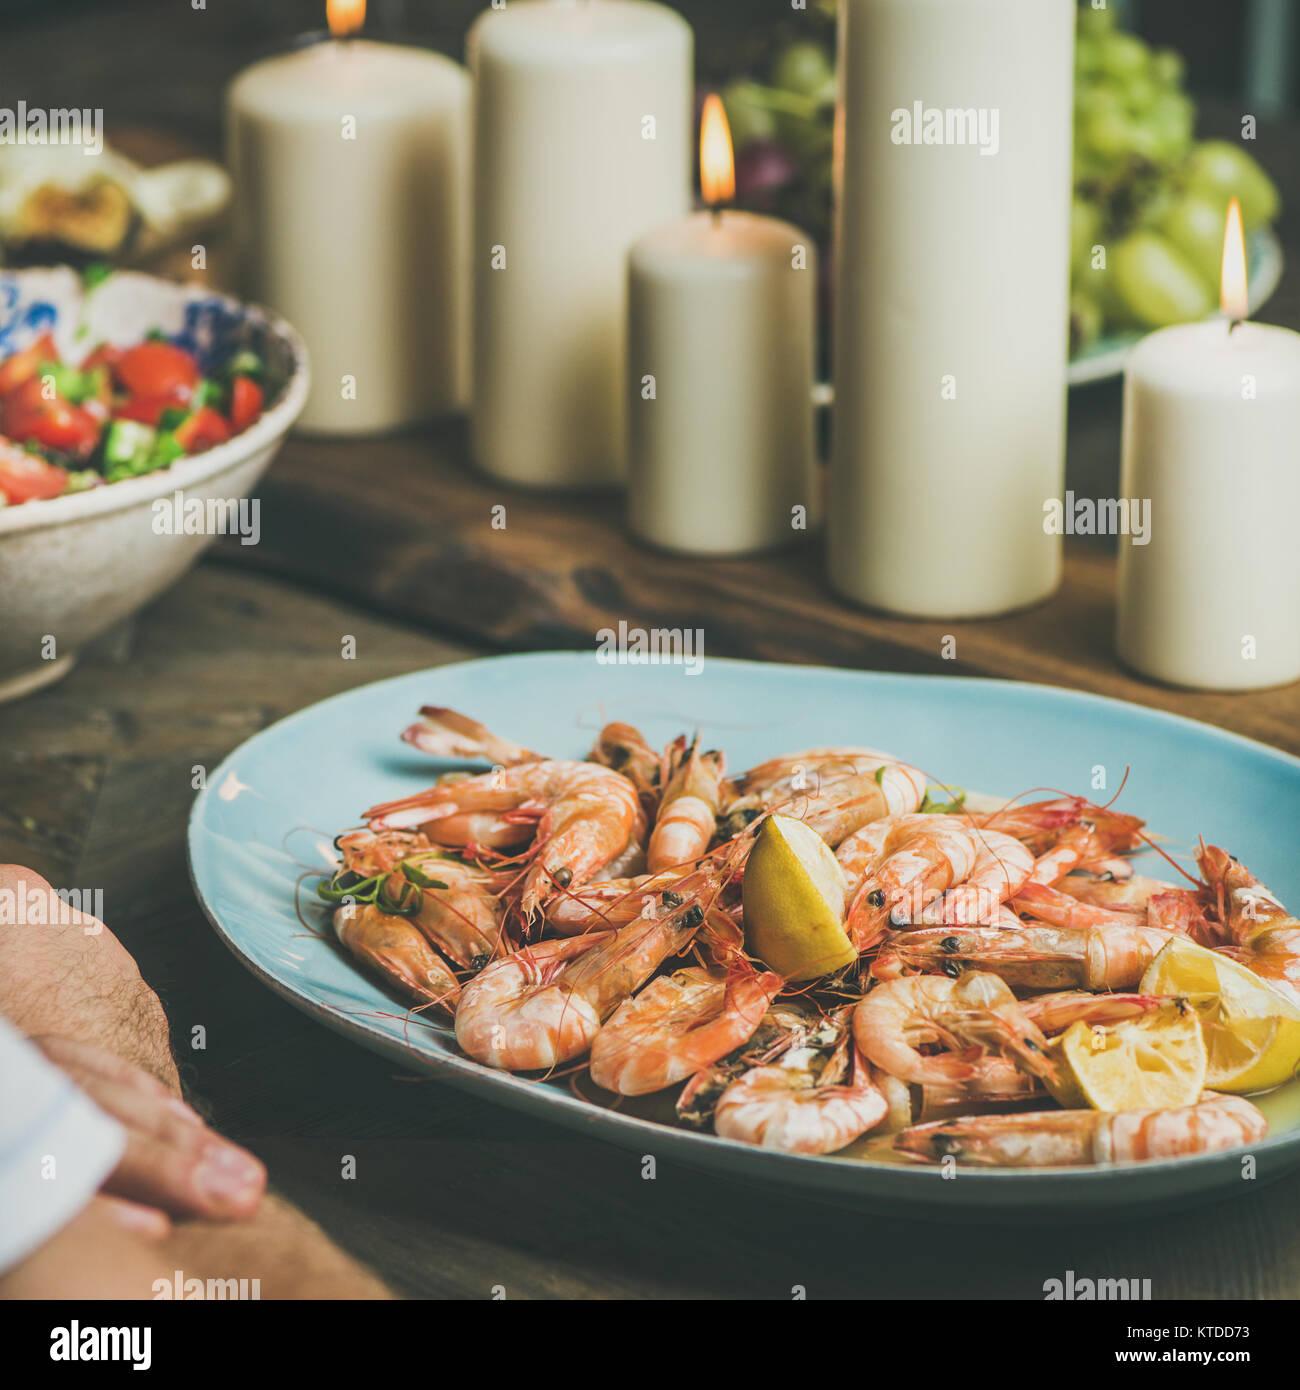 Insalata di gamberetti e candele sul tavolo di legno, quadrato ritaglia Immagini Stock